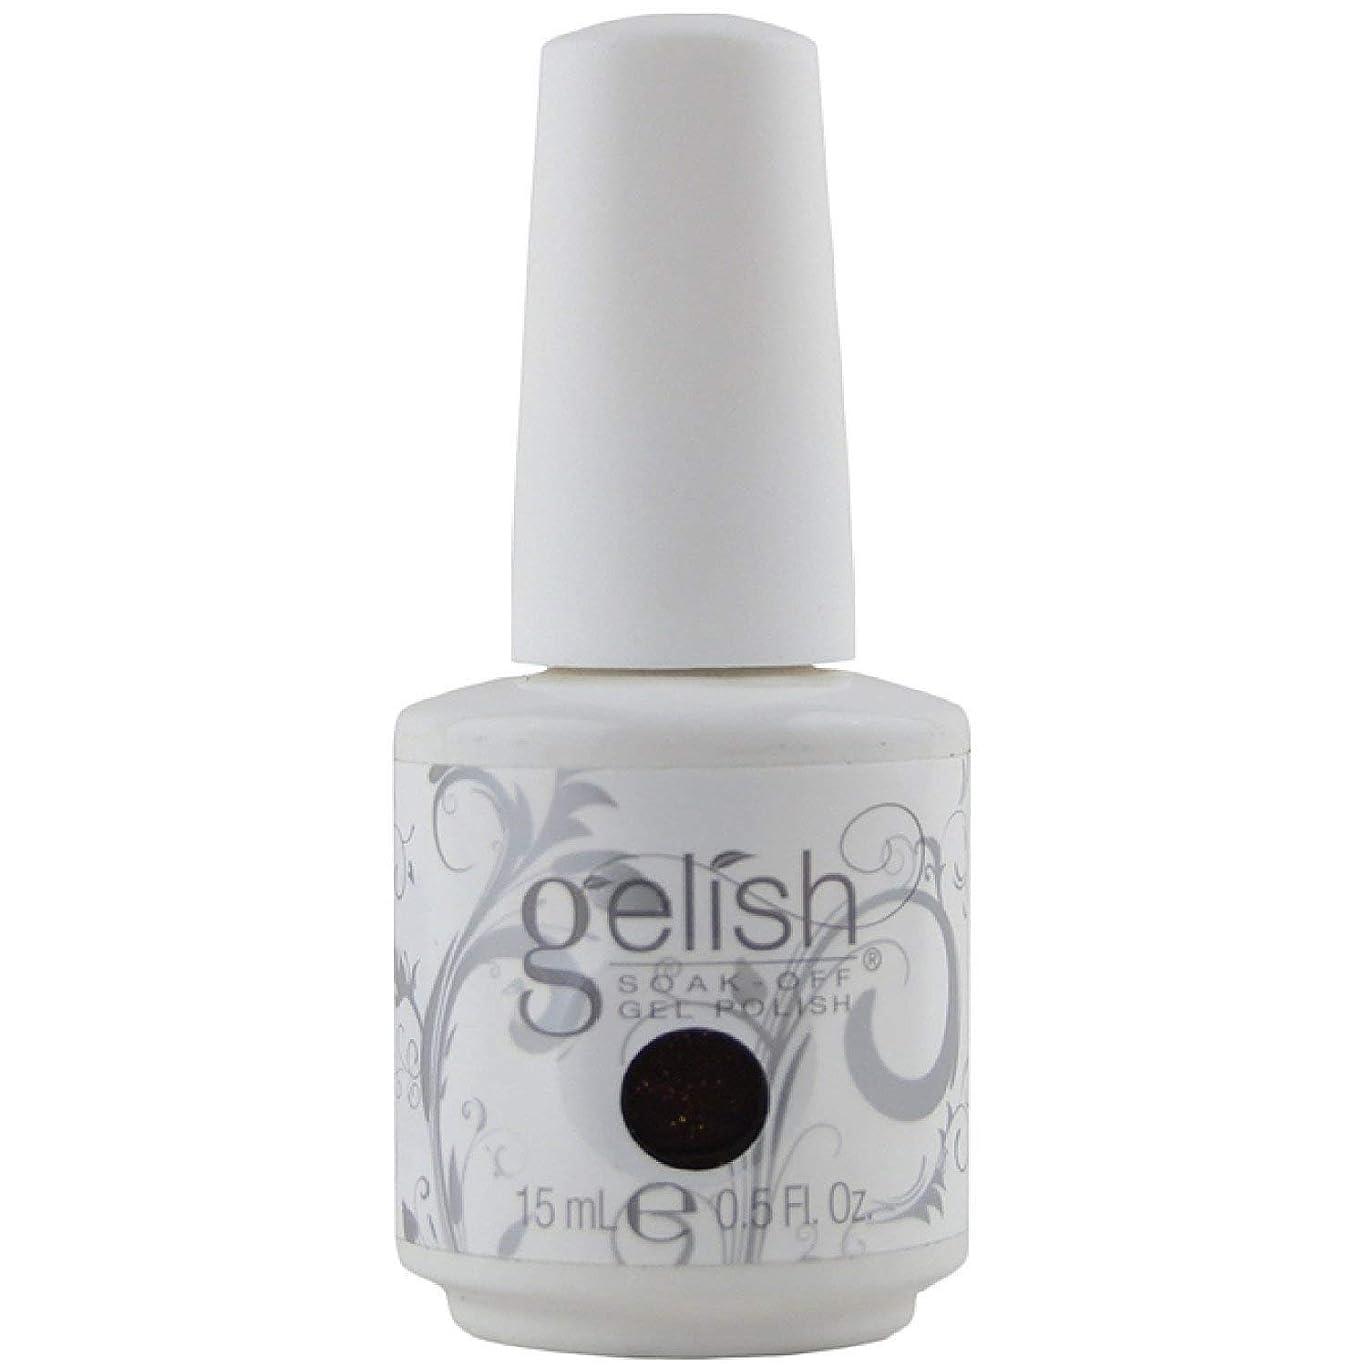 該当する膨張する私達Harmony Gelish Gel Polish - Seal the Deal - 0.5oz/15ml